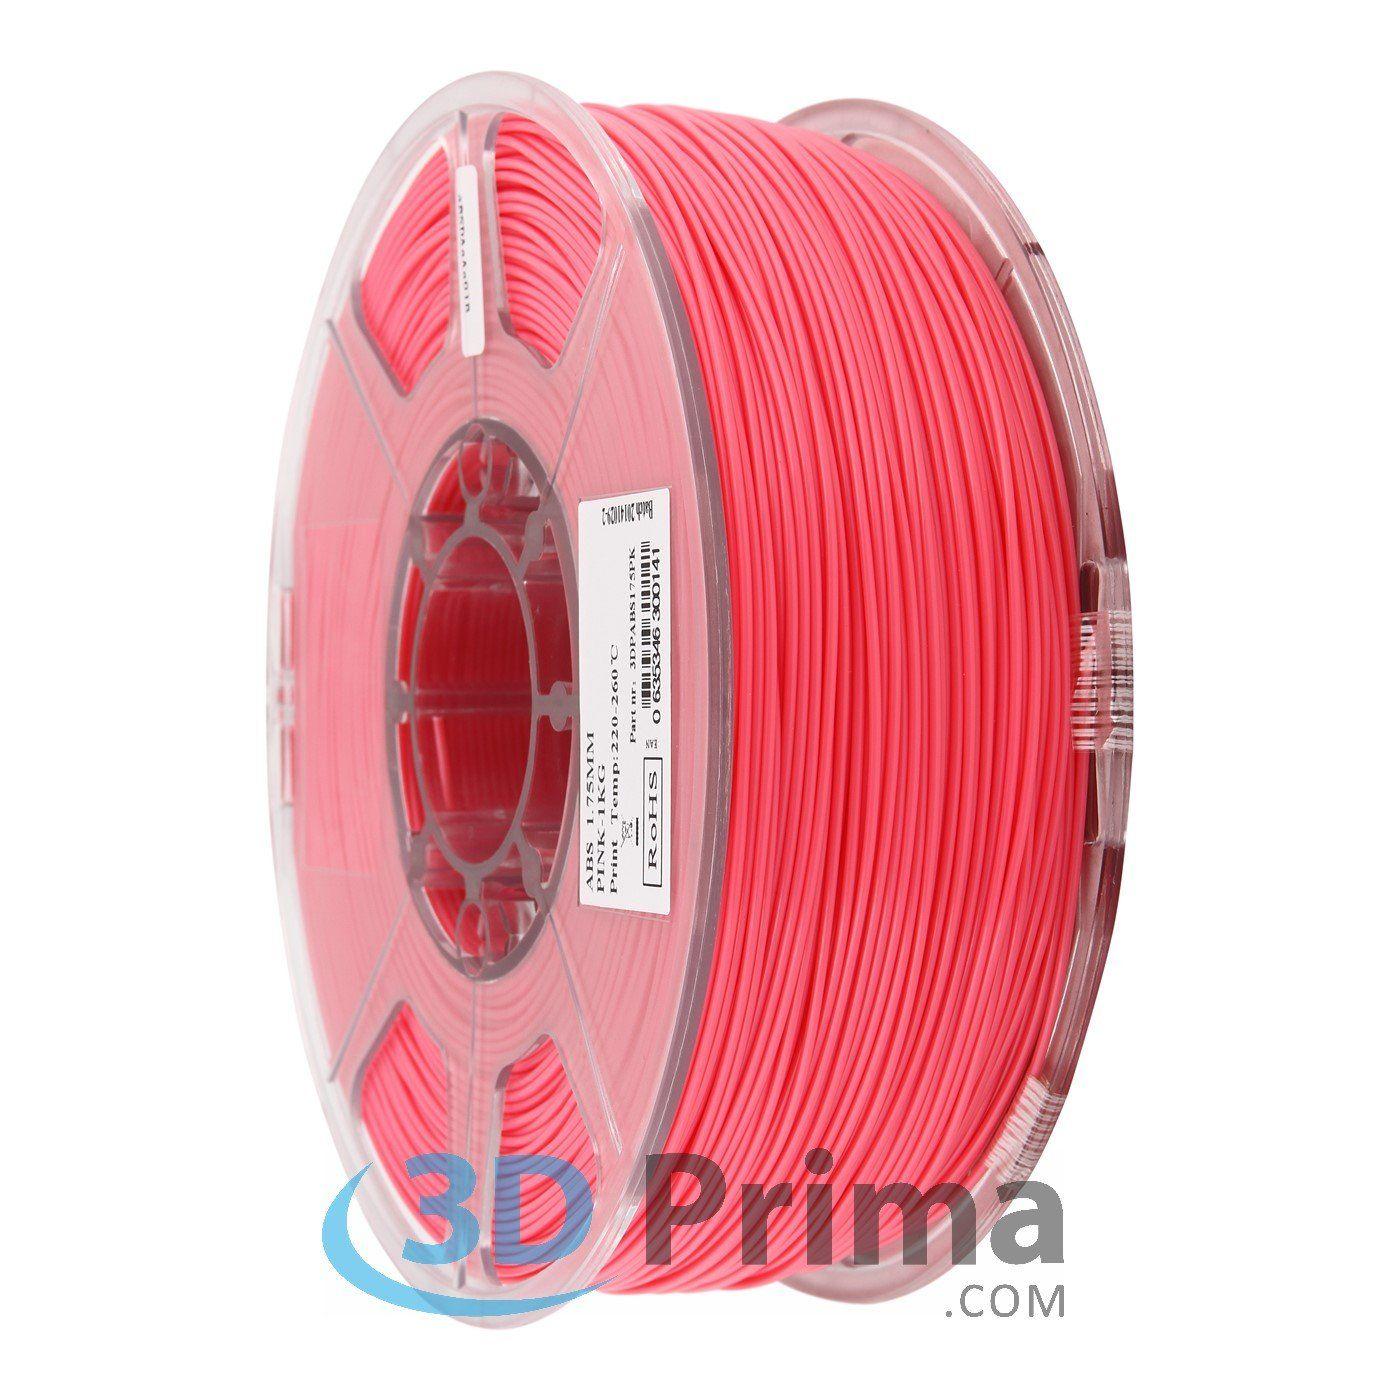 PrimaABS? Filament fǬr 3D Drucker ABS 1.75mm 1 kg